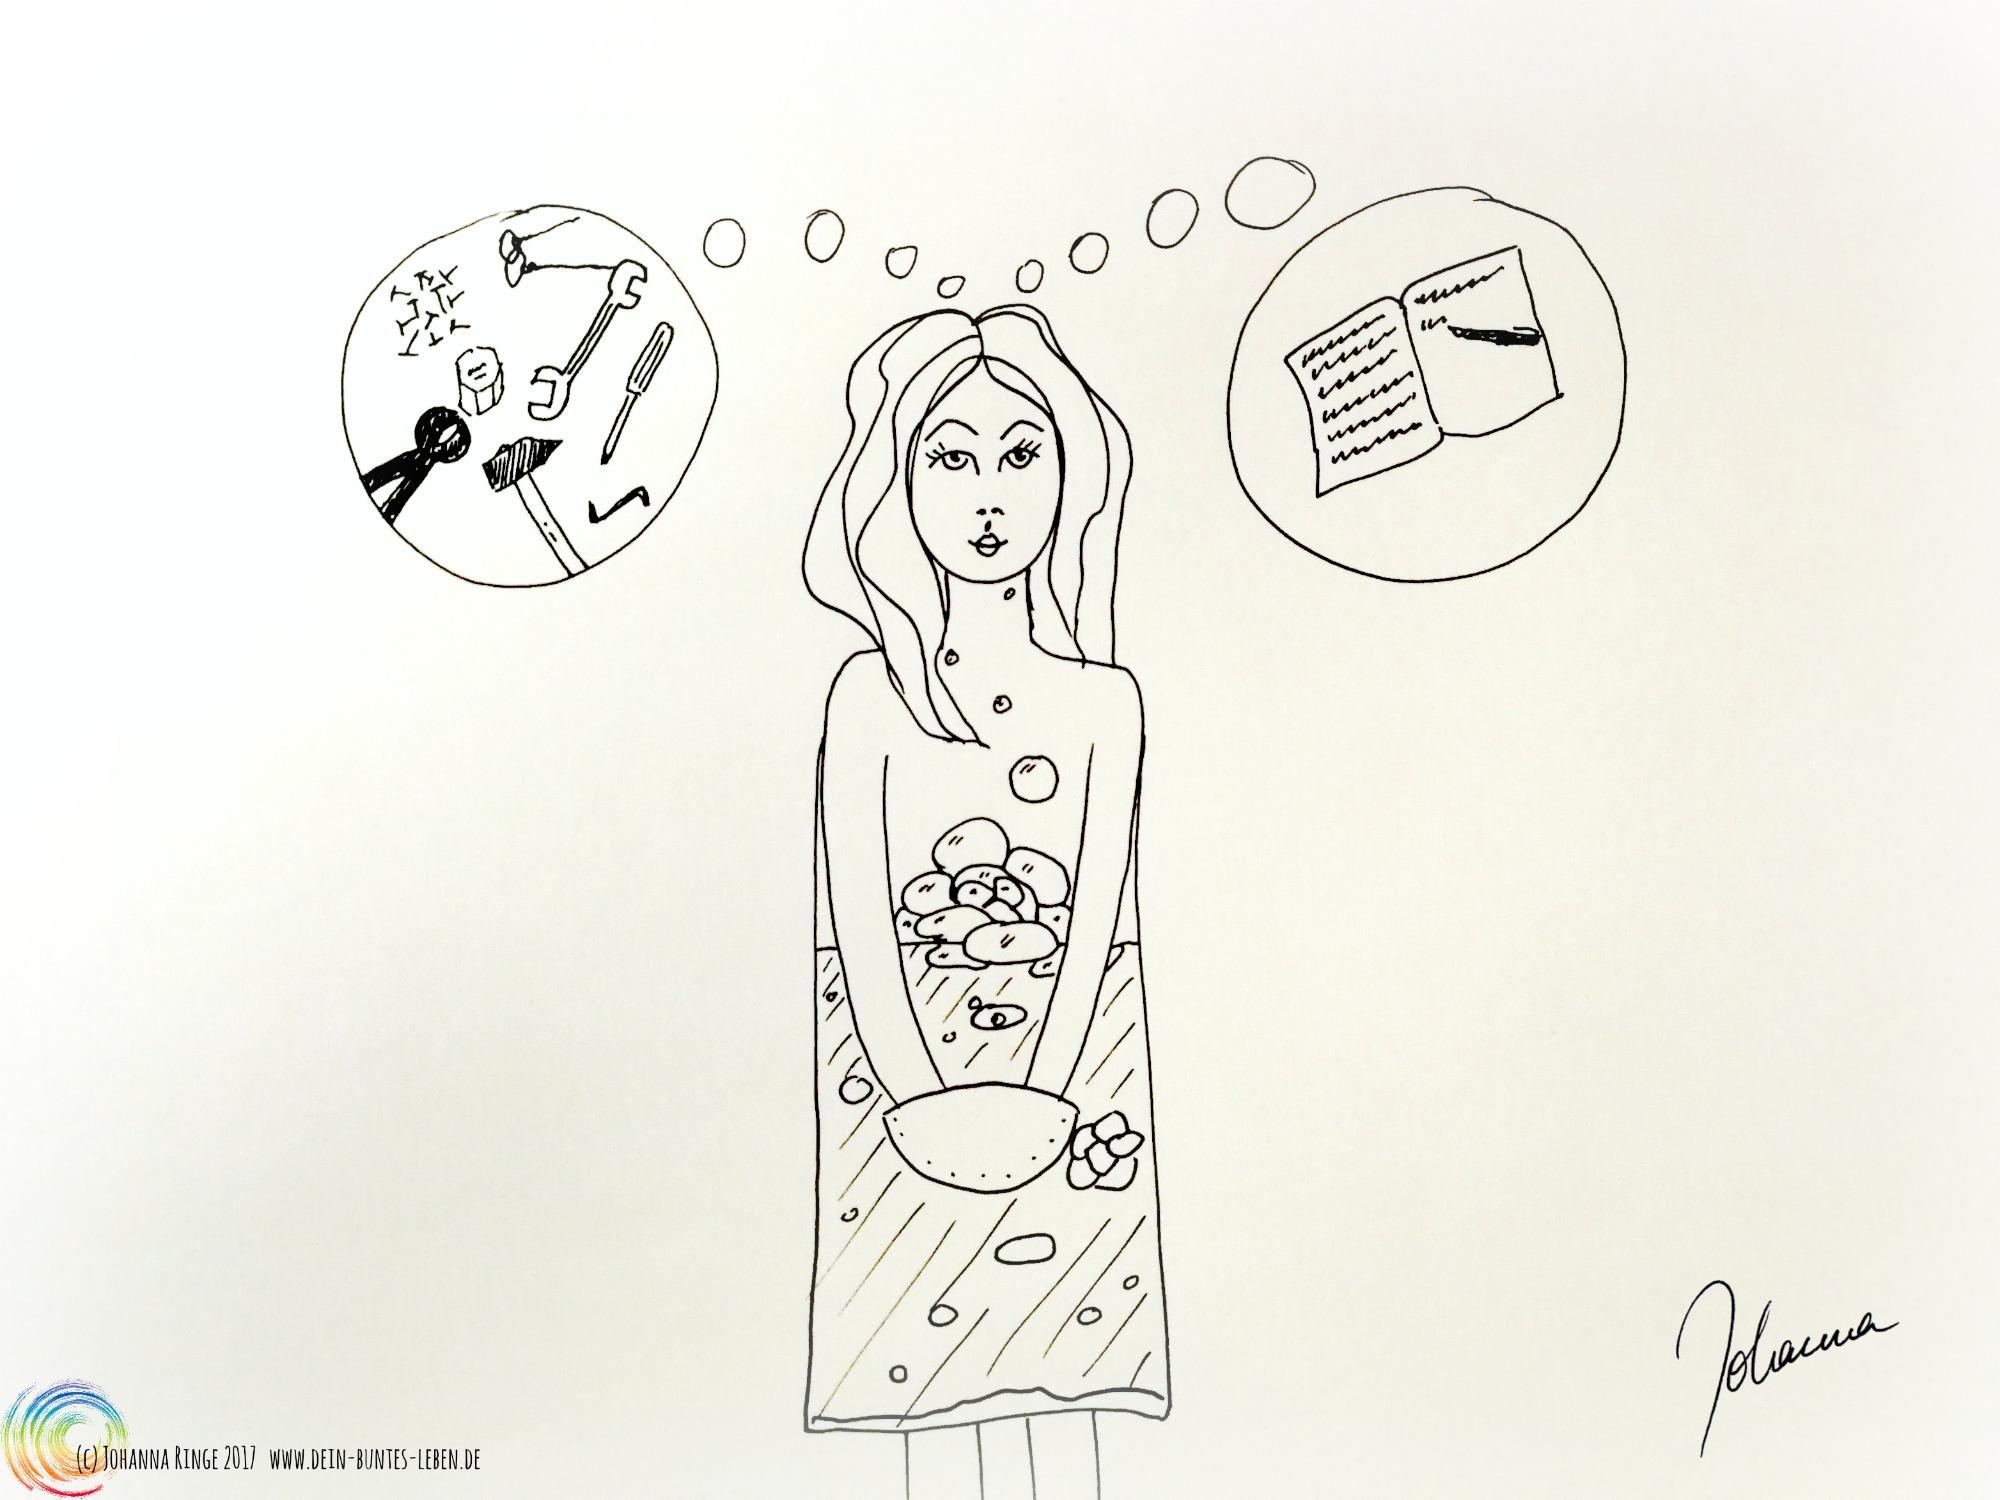 """Entscheiden als Gärungsprozess dargestellt als gezeichnetes Mädchen mit Gärung im Inneren und den Optionen """"Werkzeug"""" und """"Schreibzeug"""" über dem Kopf. (c) 2017 Johanna Ringe www.dein-buntes-leben.de"""